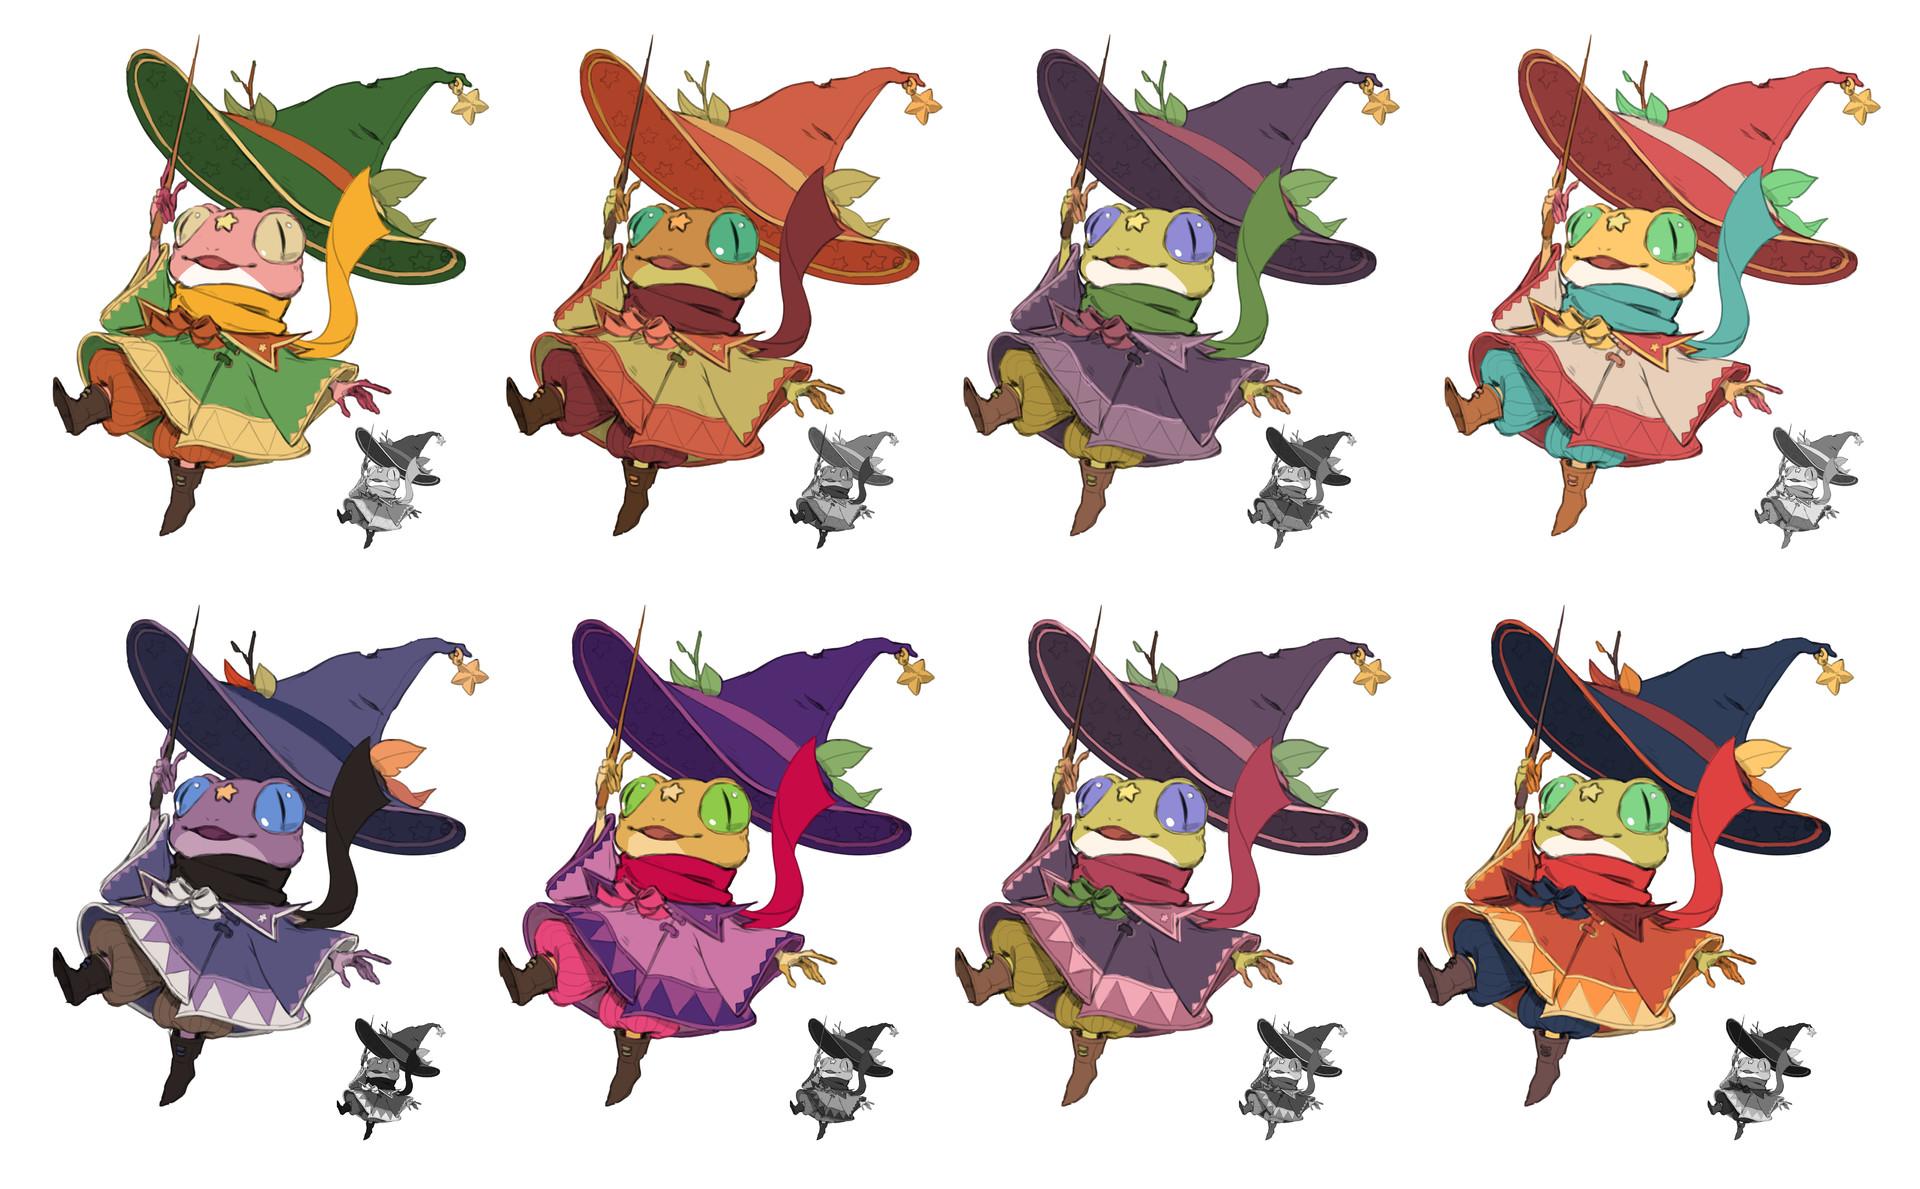 Dani kruse wibbitcolors